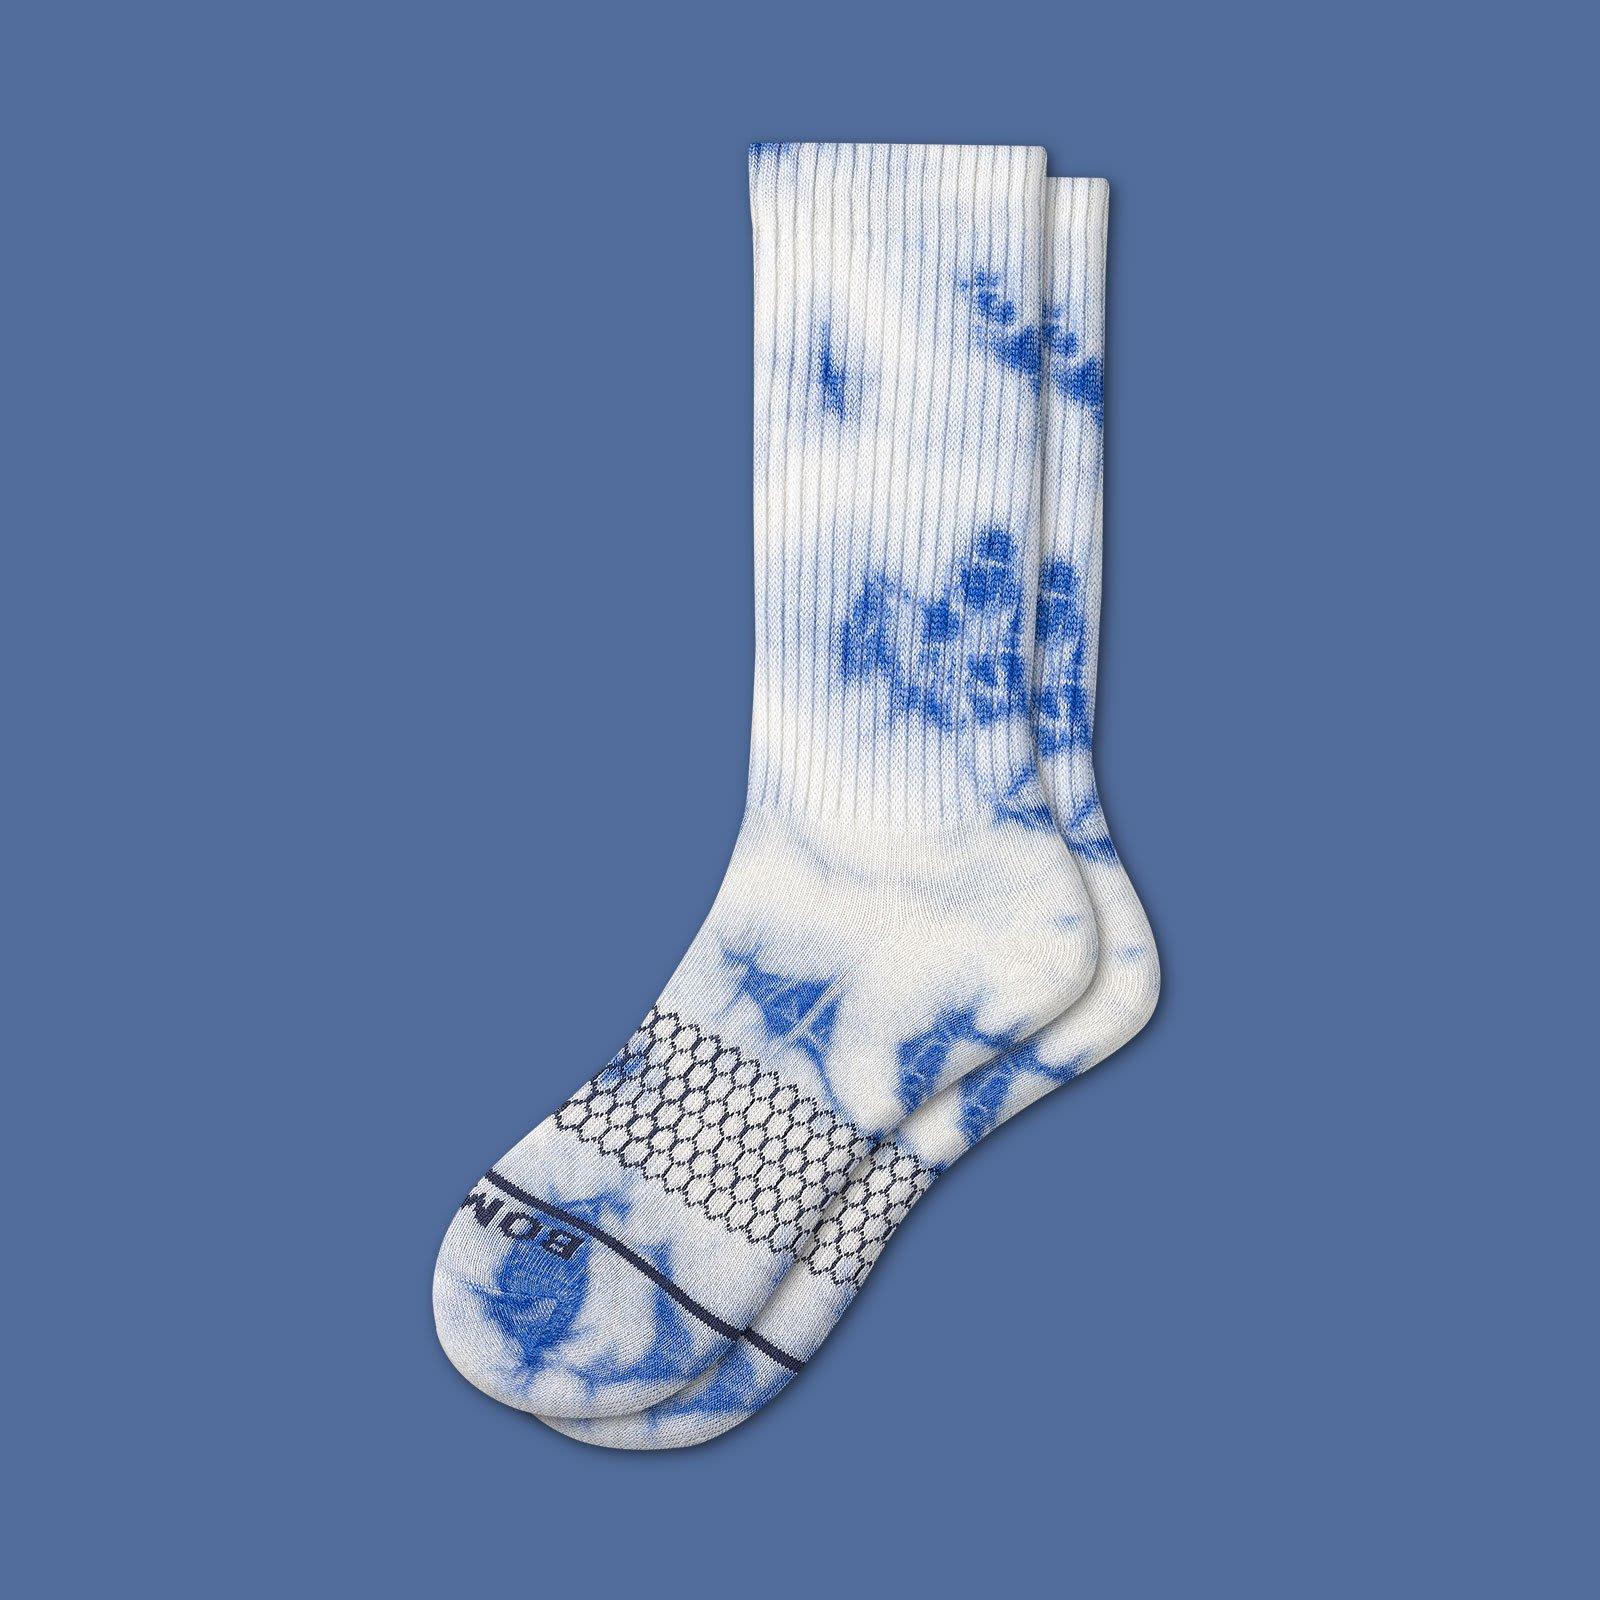 Women's Merino Tie Dye Calf Socks by Bombas